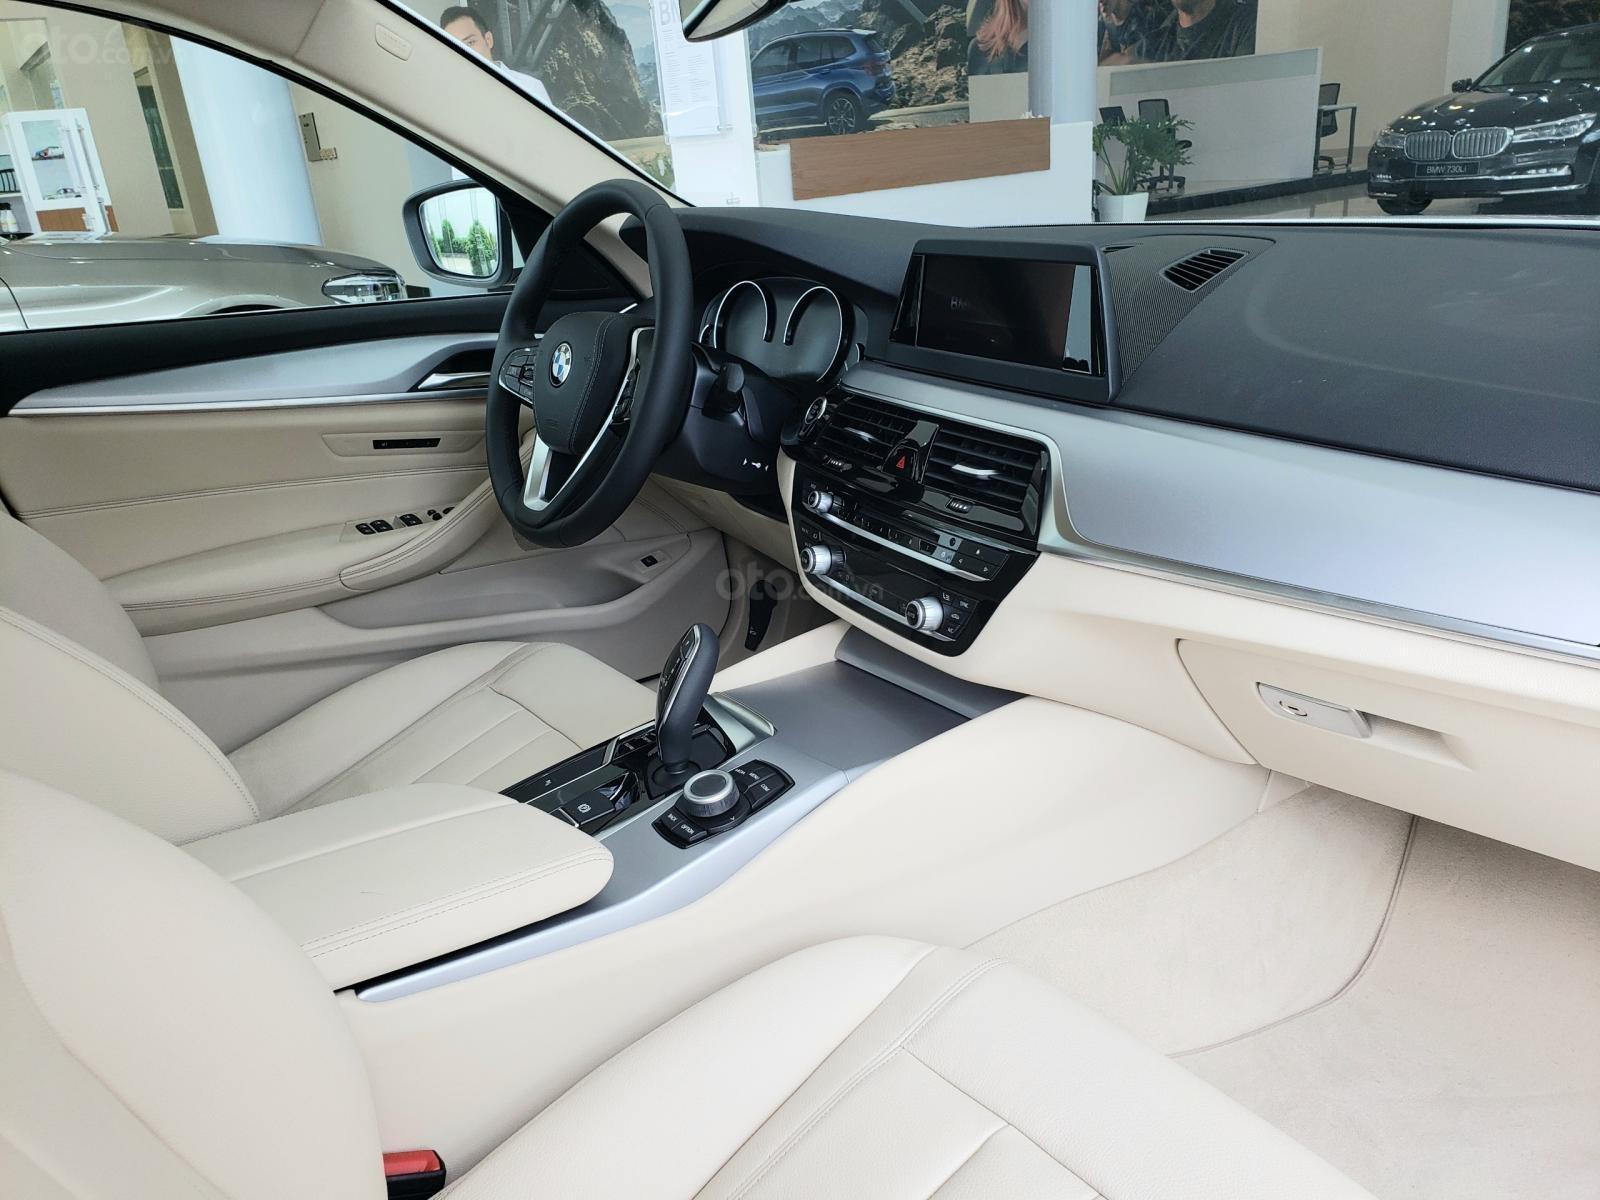 BMW Phú Nhuận - Khuyến mại giảm giá sốc chiếc xe BMW 5 Series 520i - 2019 (9)